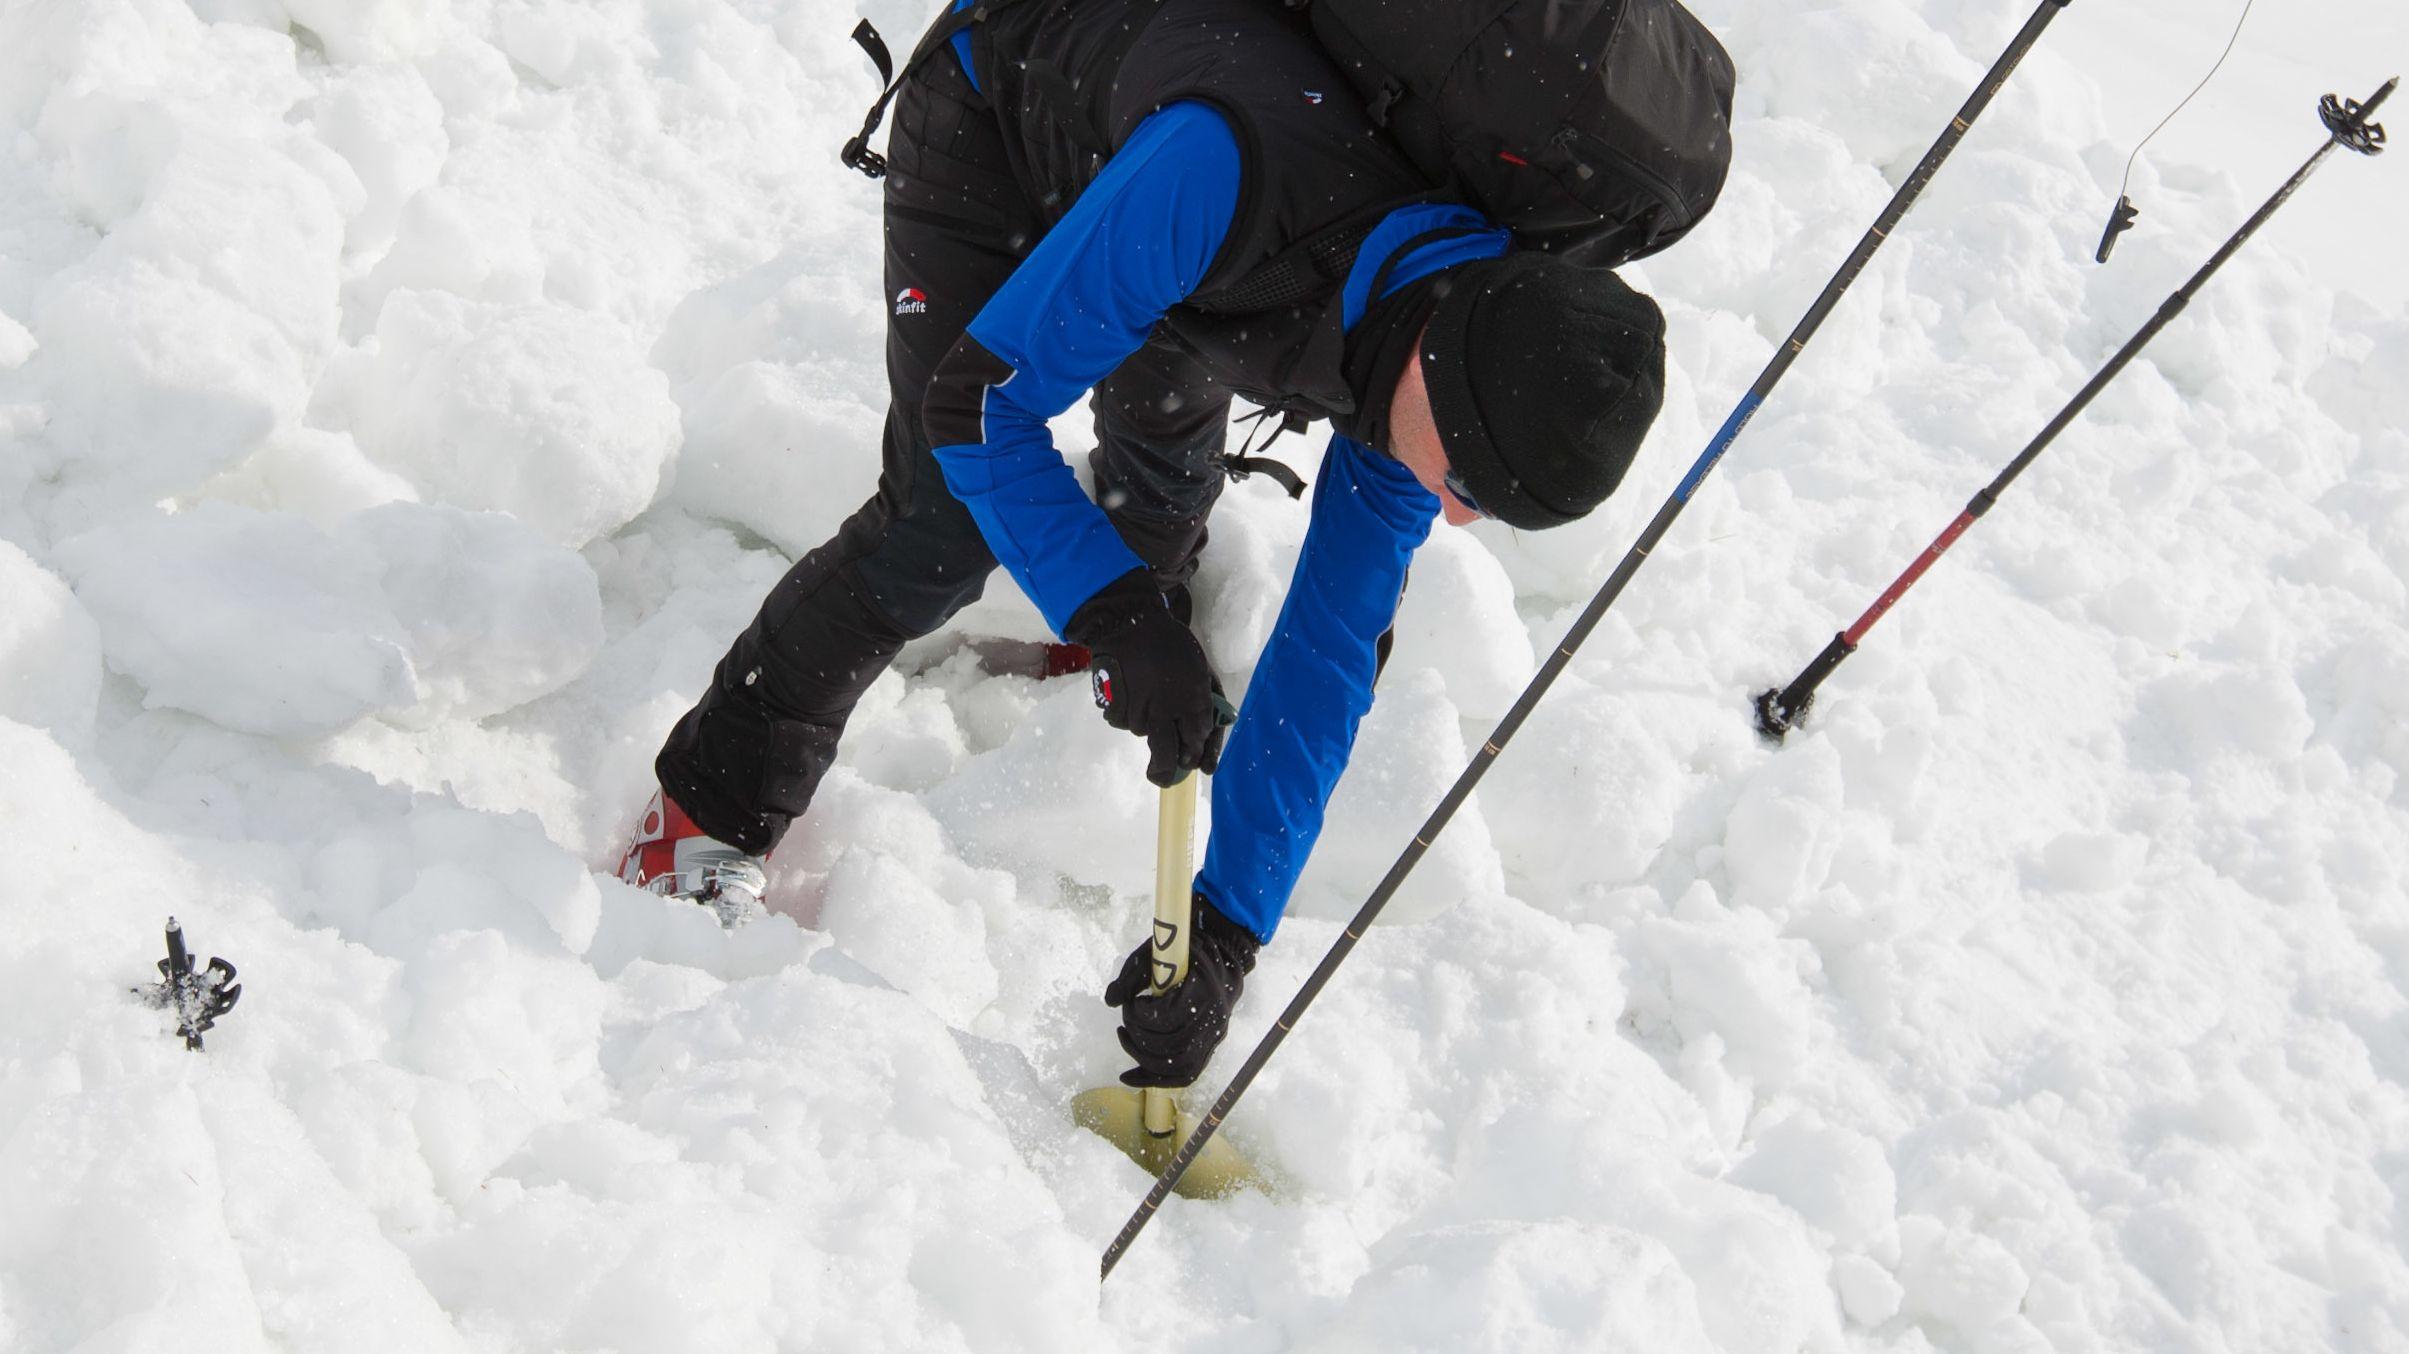 Mann gräbt im Schnee nach Verschütteten.